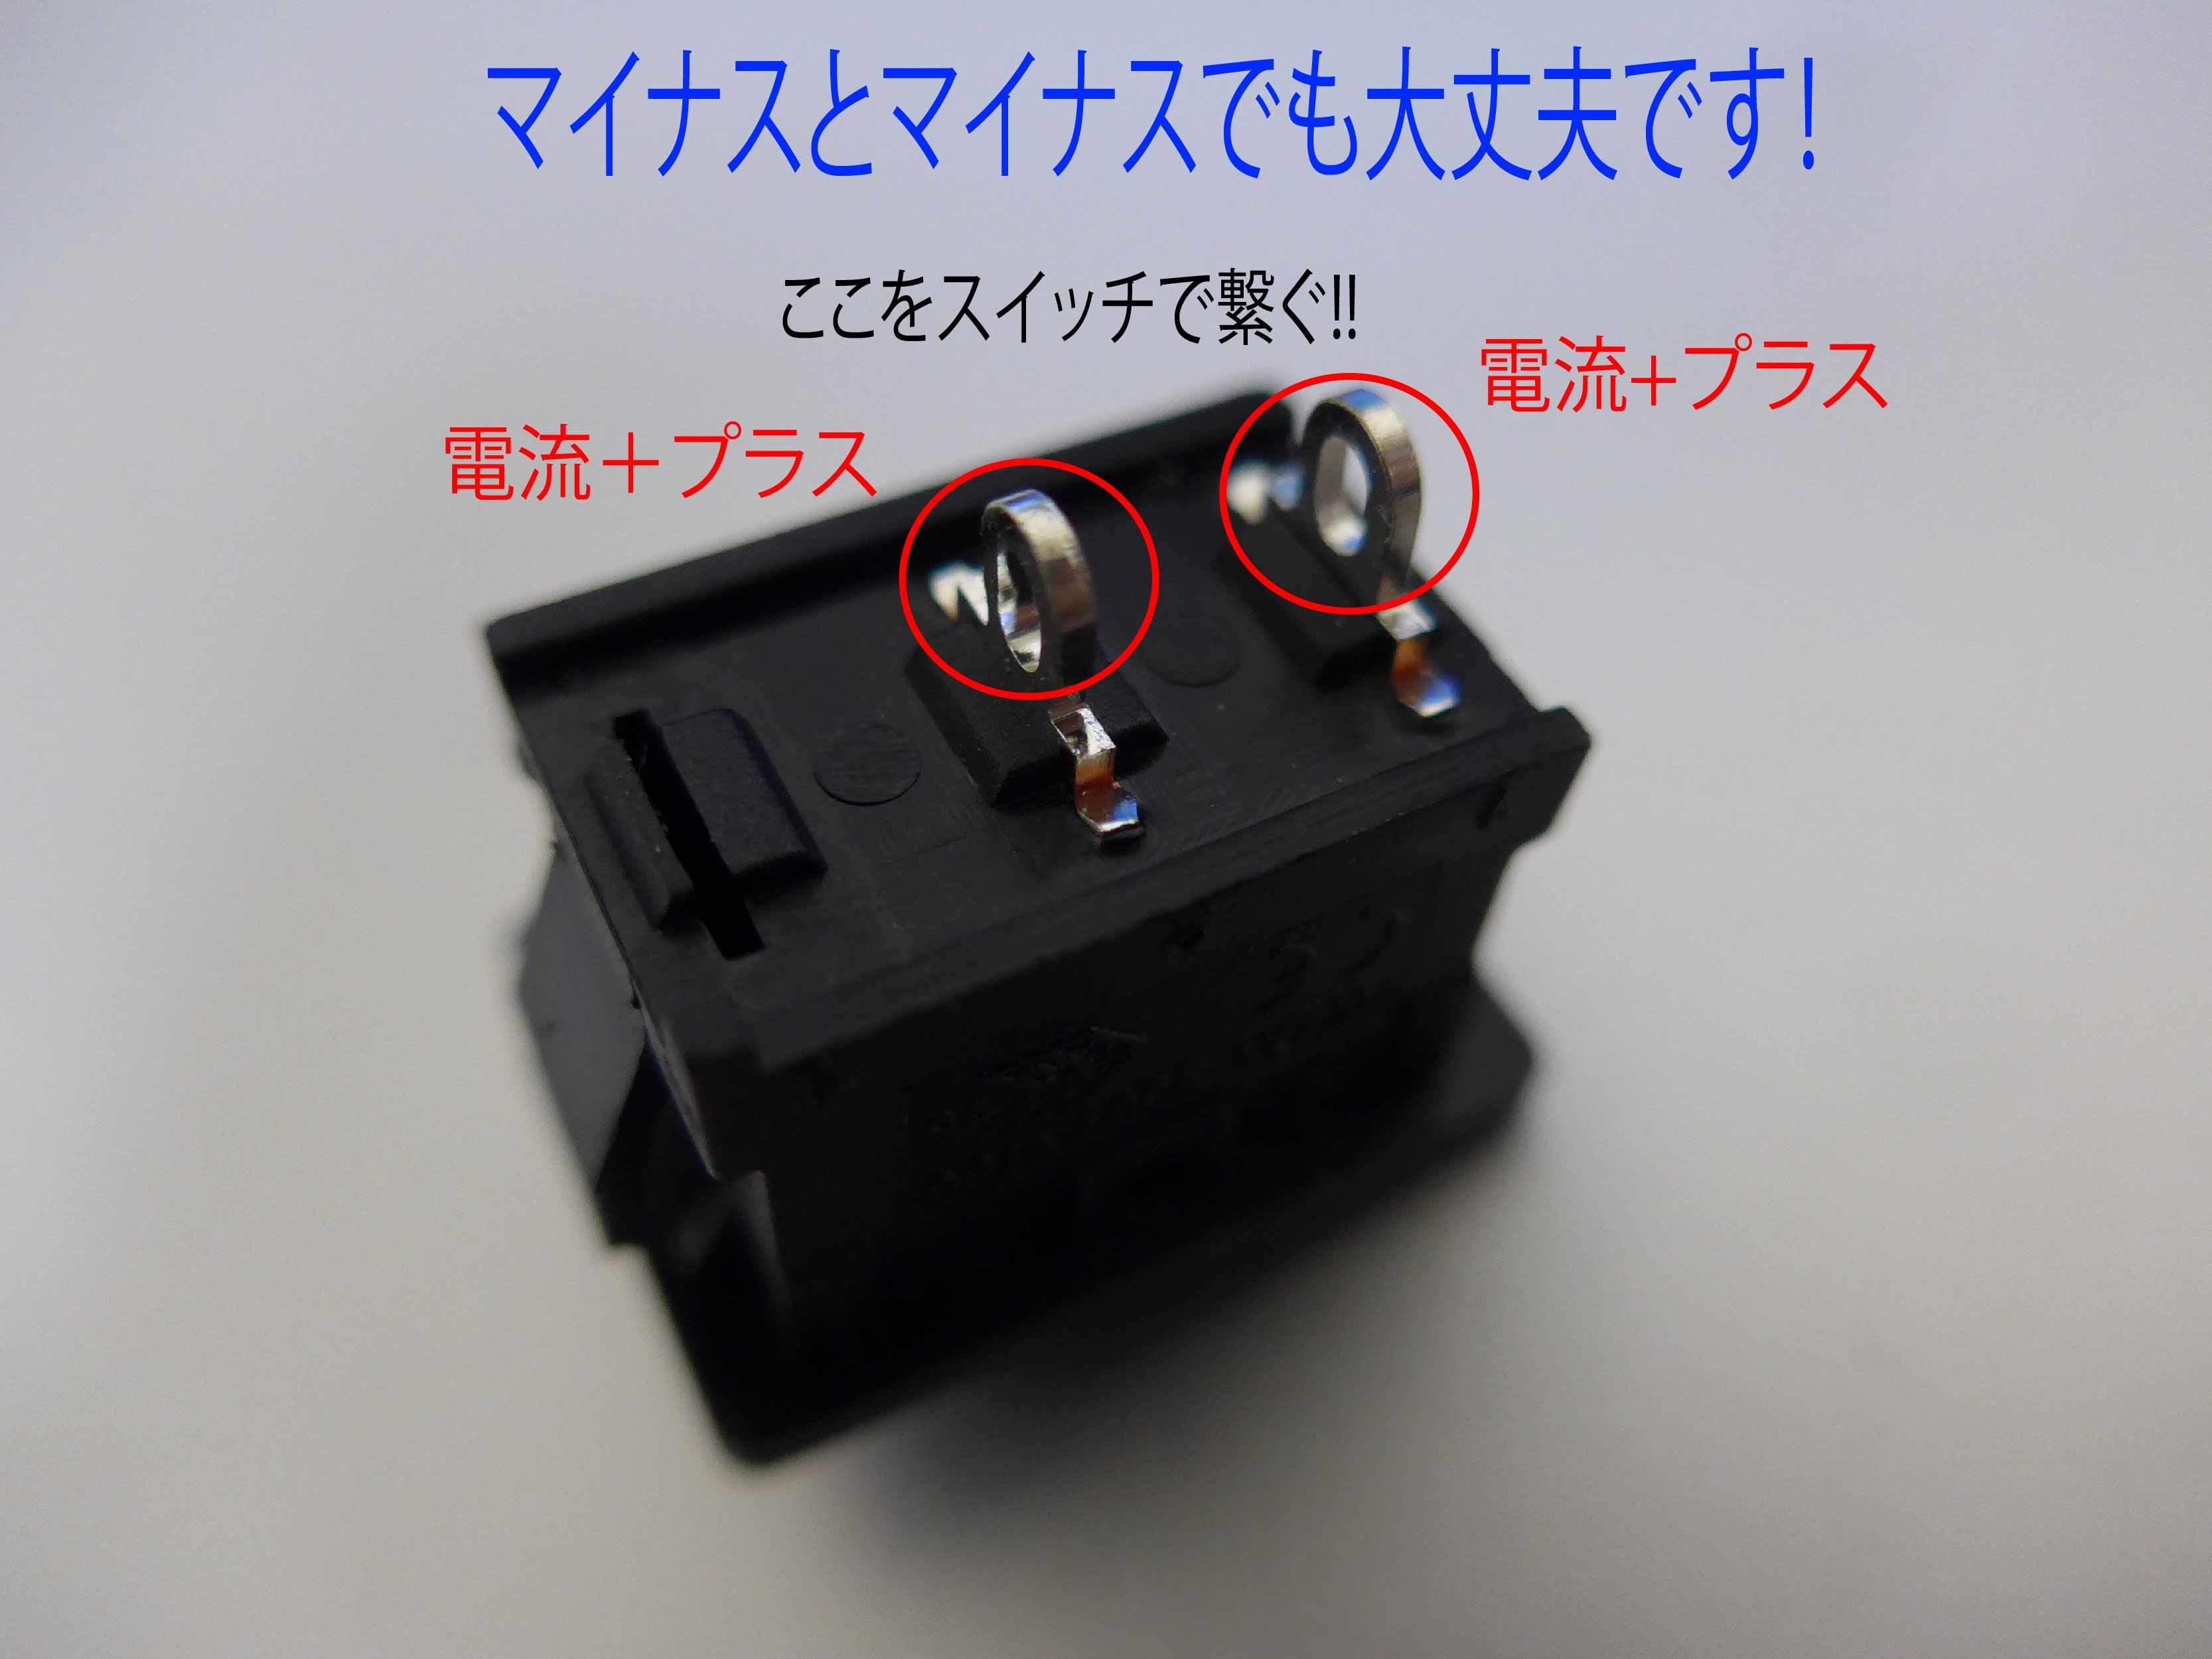 波動スイッチ2